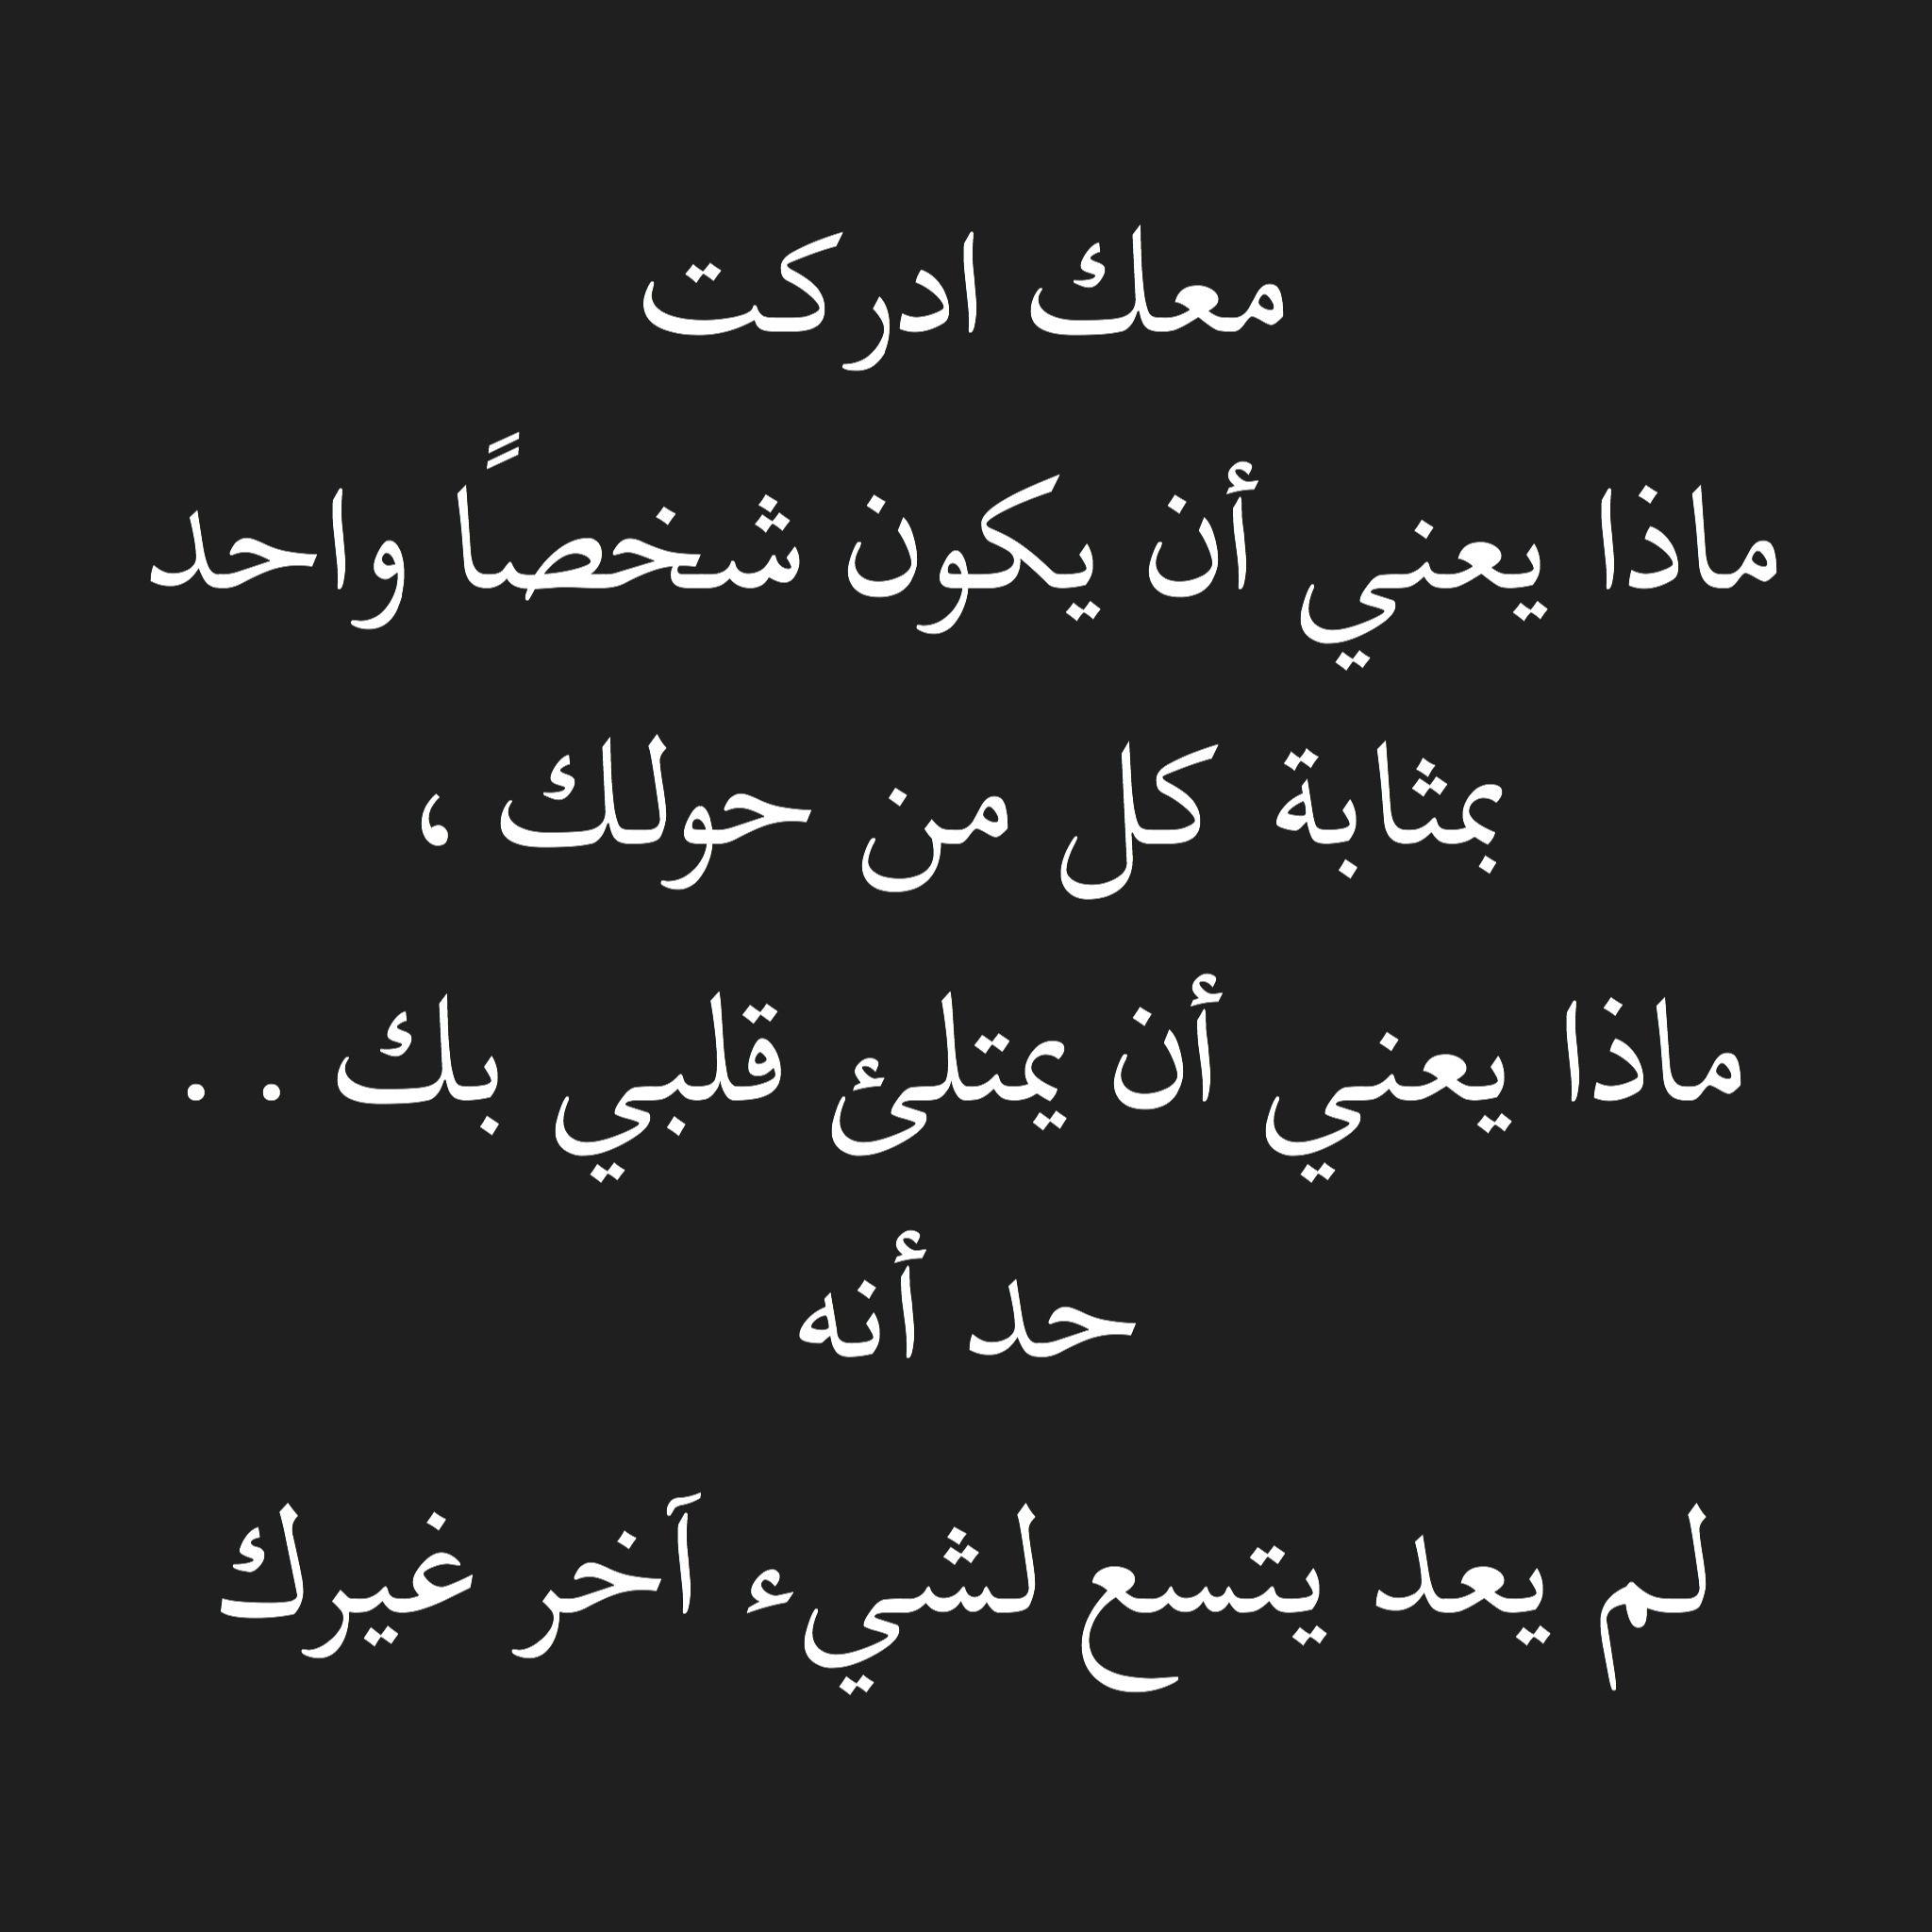 معك ادركت ماذا يعني أن يكون شخص ا واحد بمثابة كل من حولك ماذا يعني أن يمتلئ قلبي بك حد أنه لم يعد يتسع لشيء آخر غير Animation Design Math Arabic Calligraphy